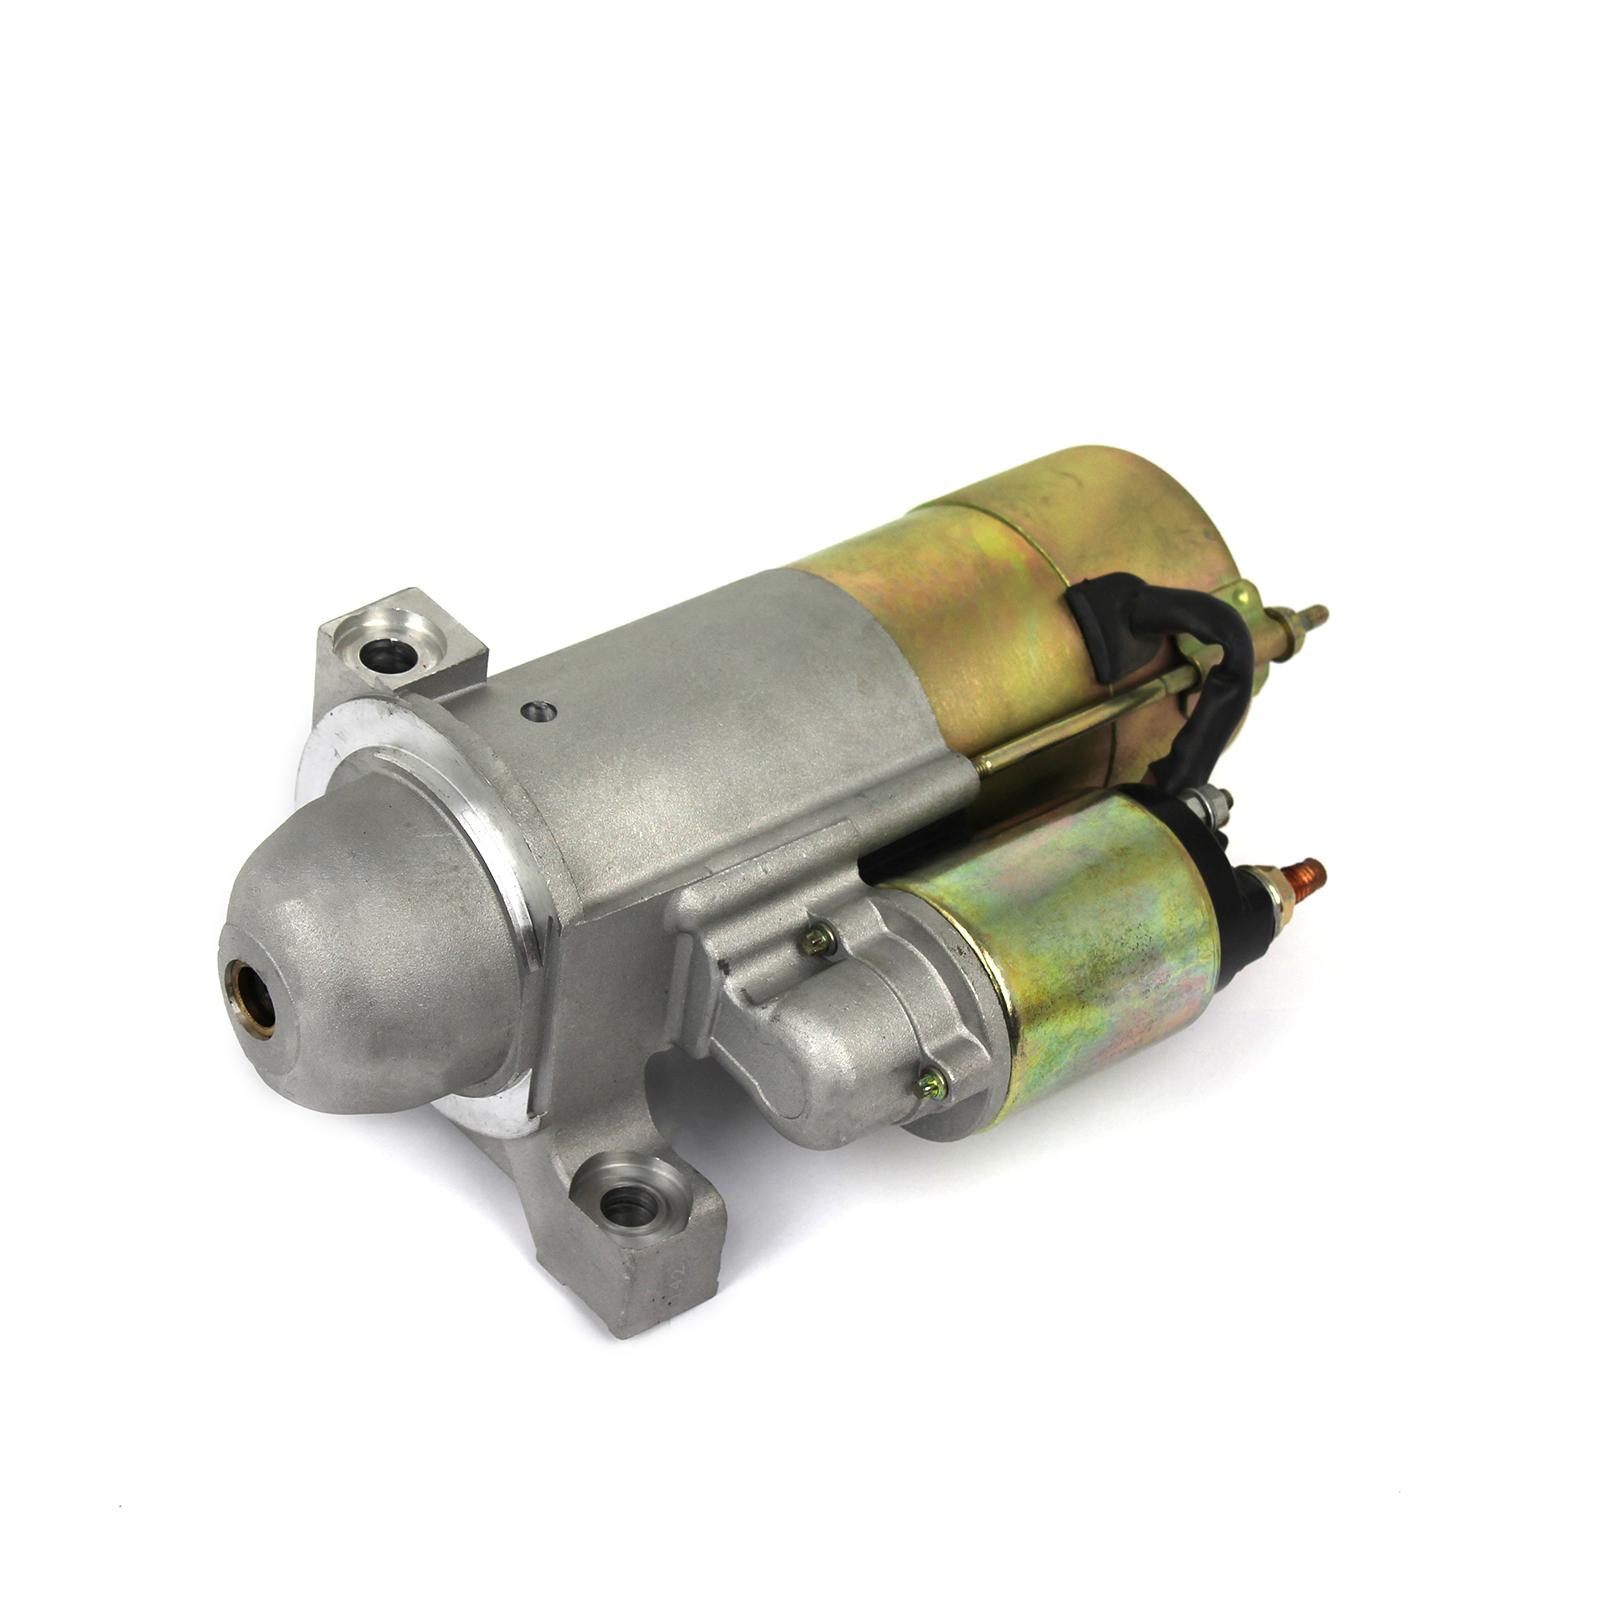 Holden    253    304    308 OEM Style High Torque    Starter       Motor      eBay